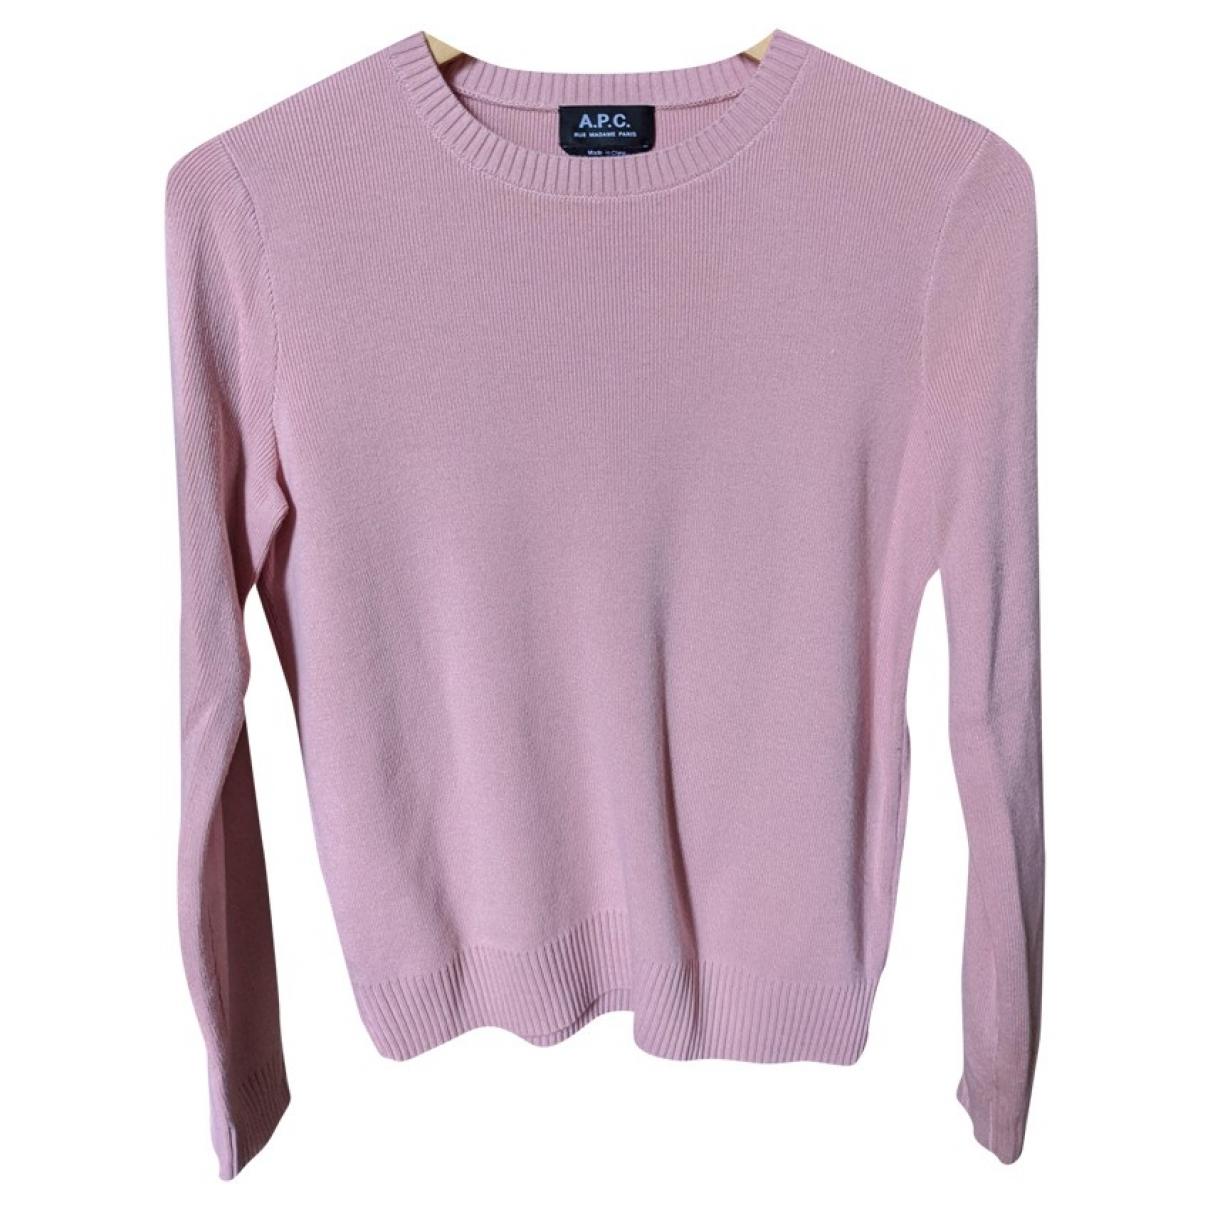 Apc - Pull   pour femme en coton - rose